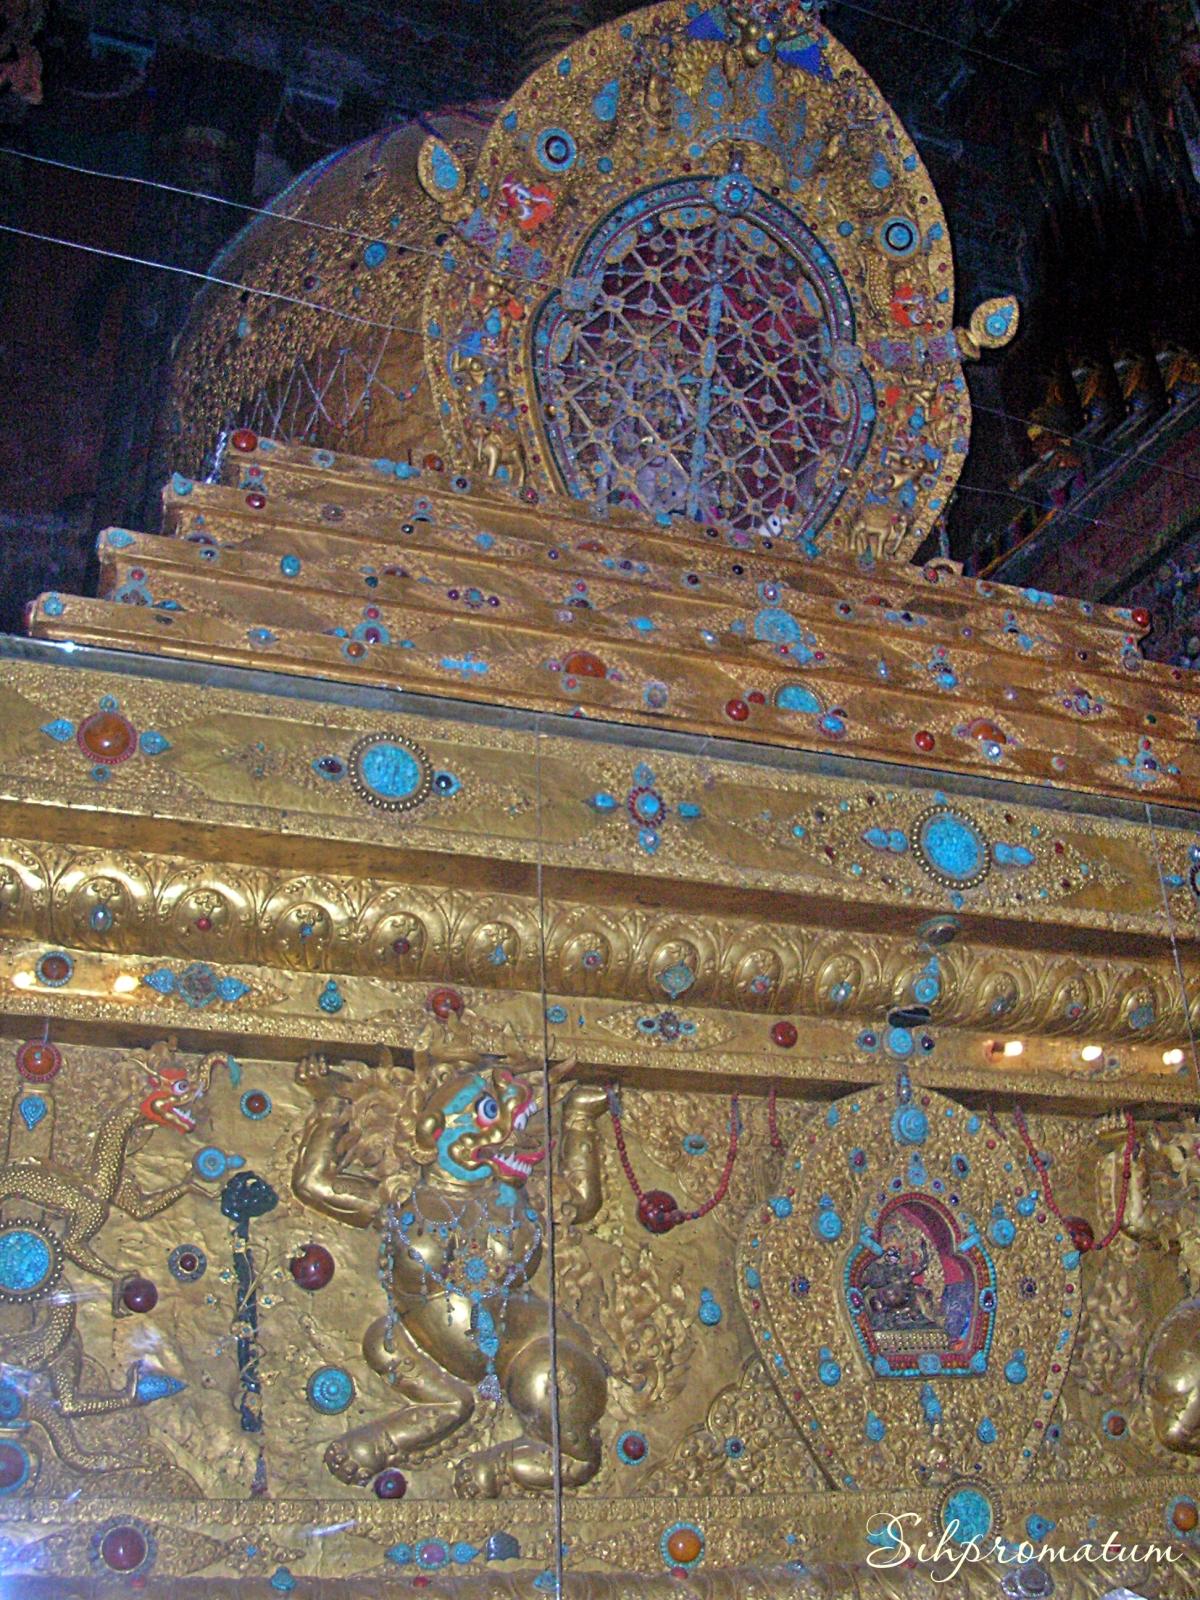 Dalai Lama tomb ,China